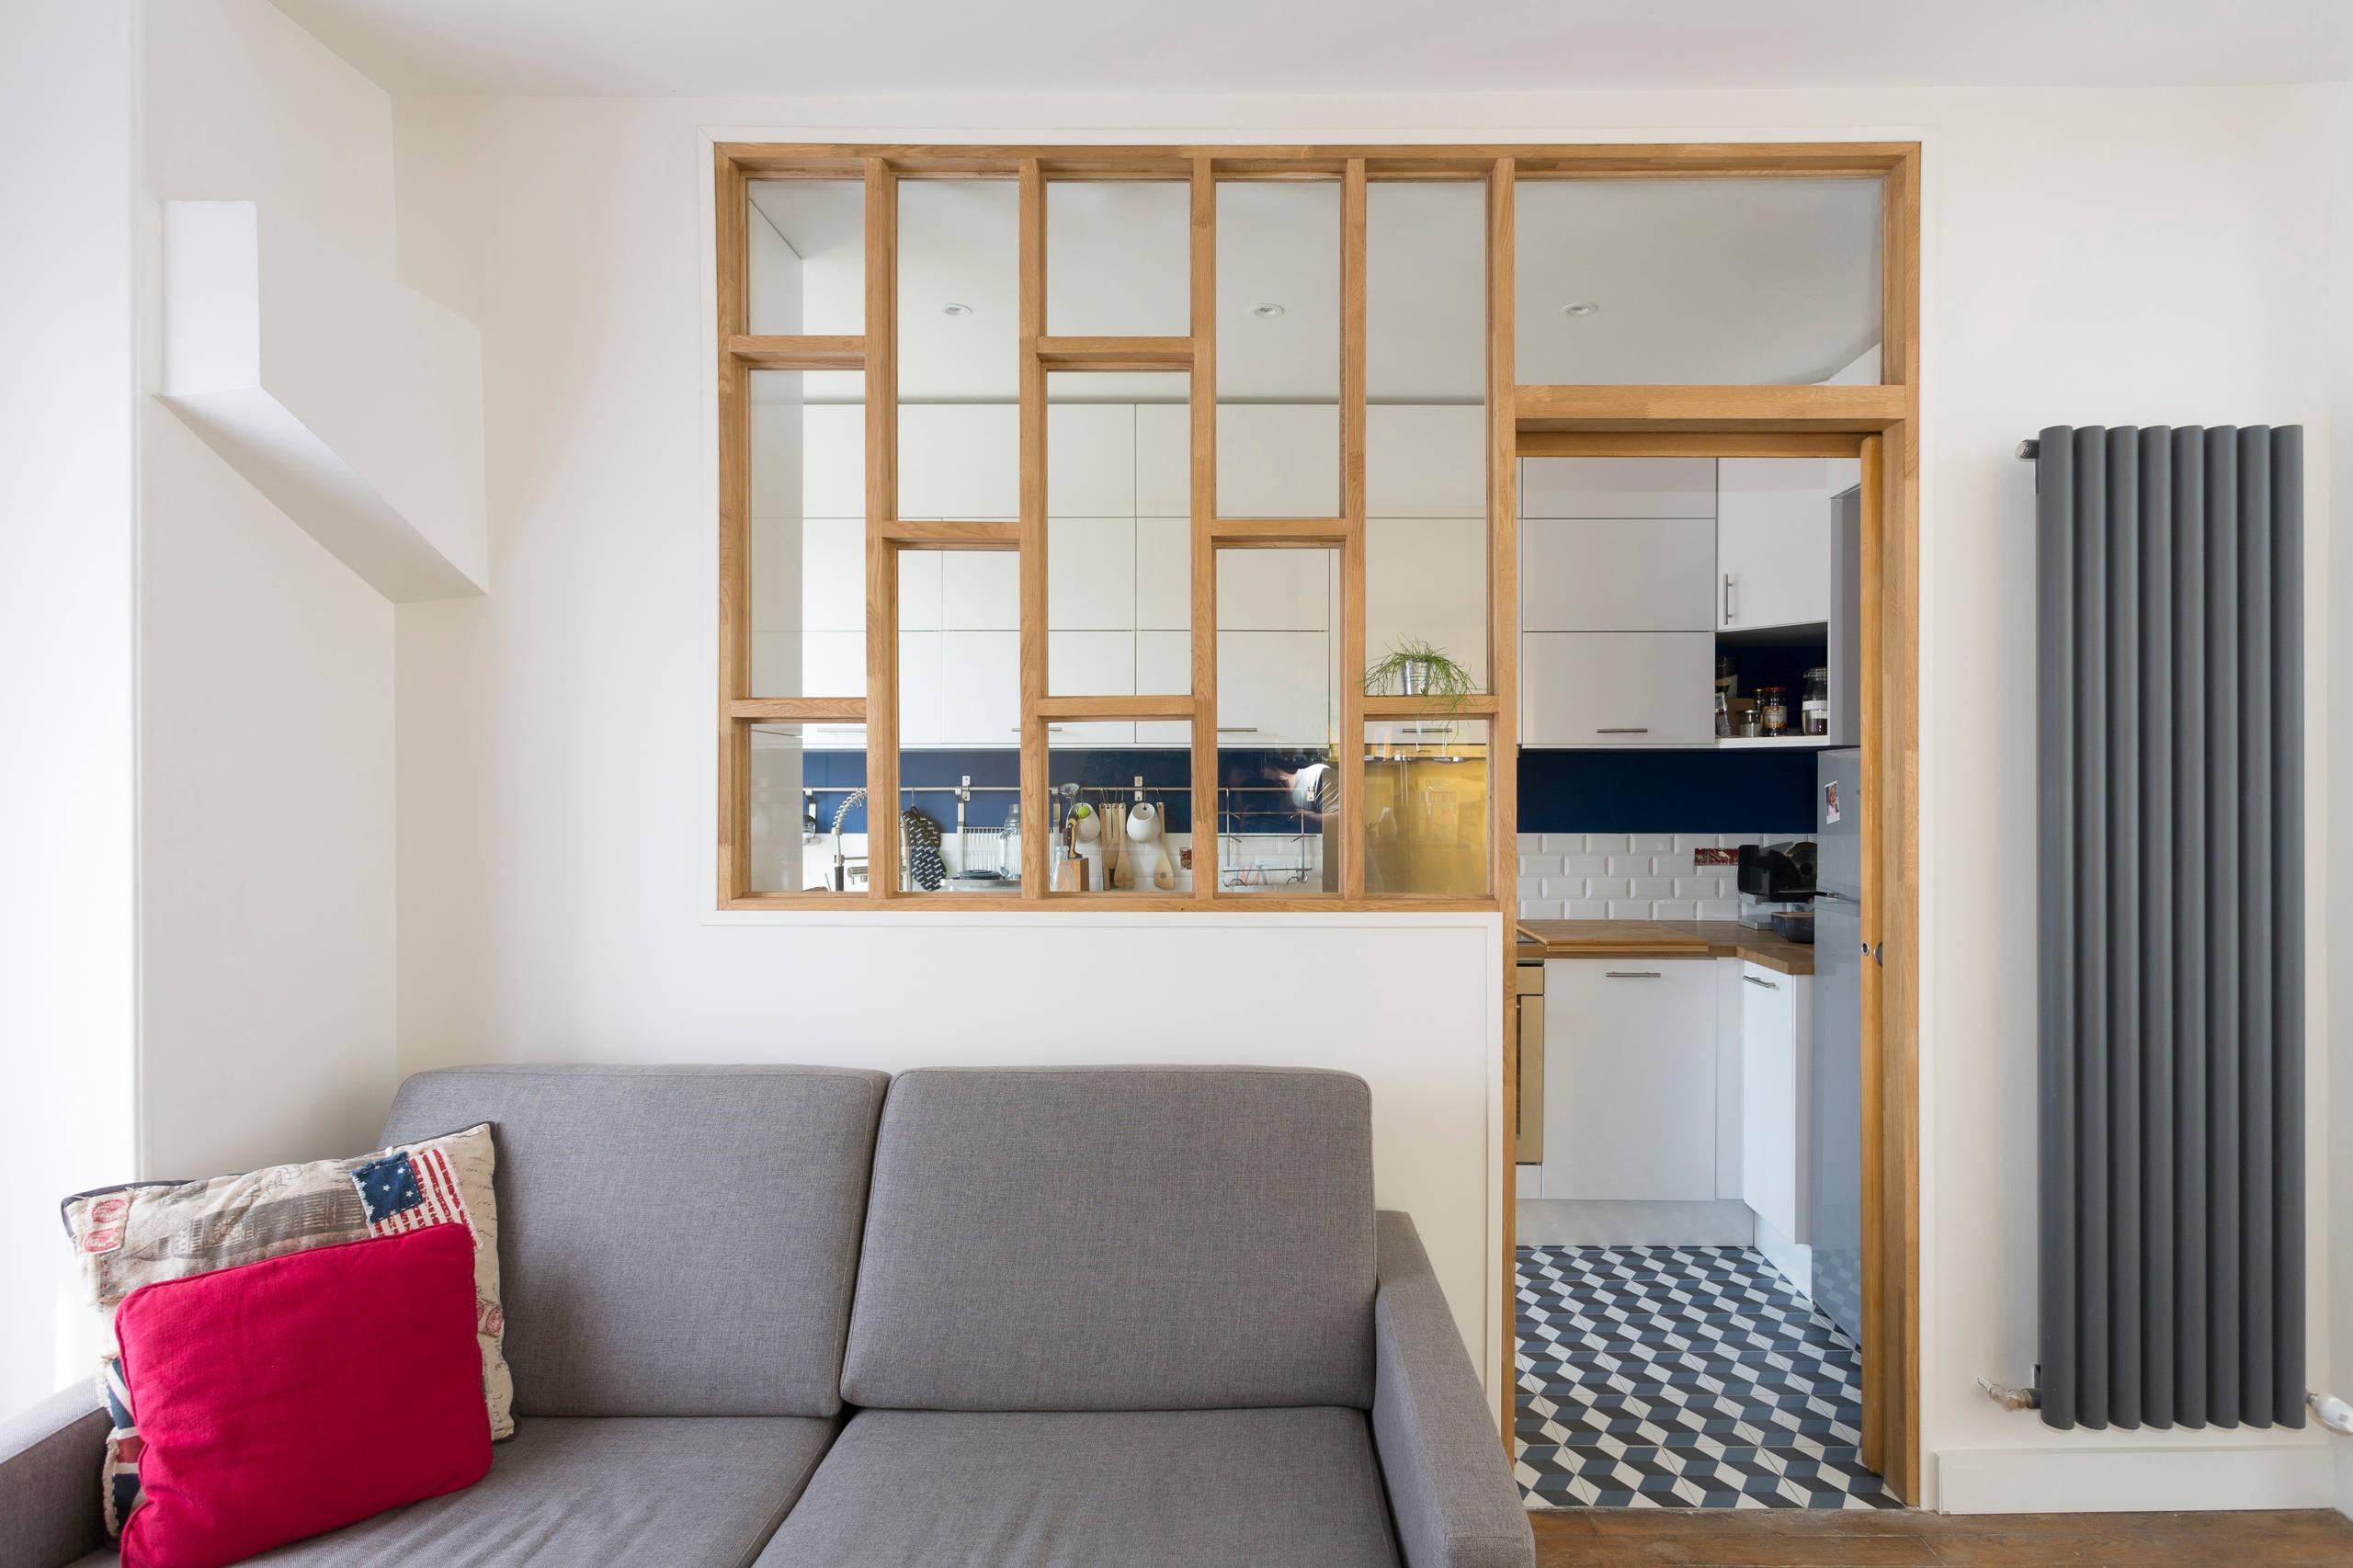 Rénovation d'une cuisine avec une verrière bois